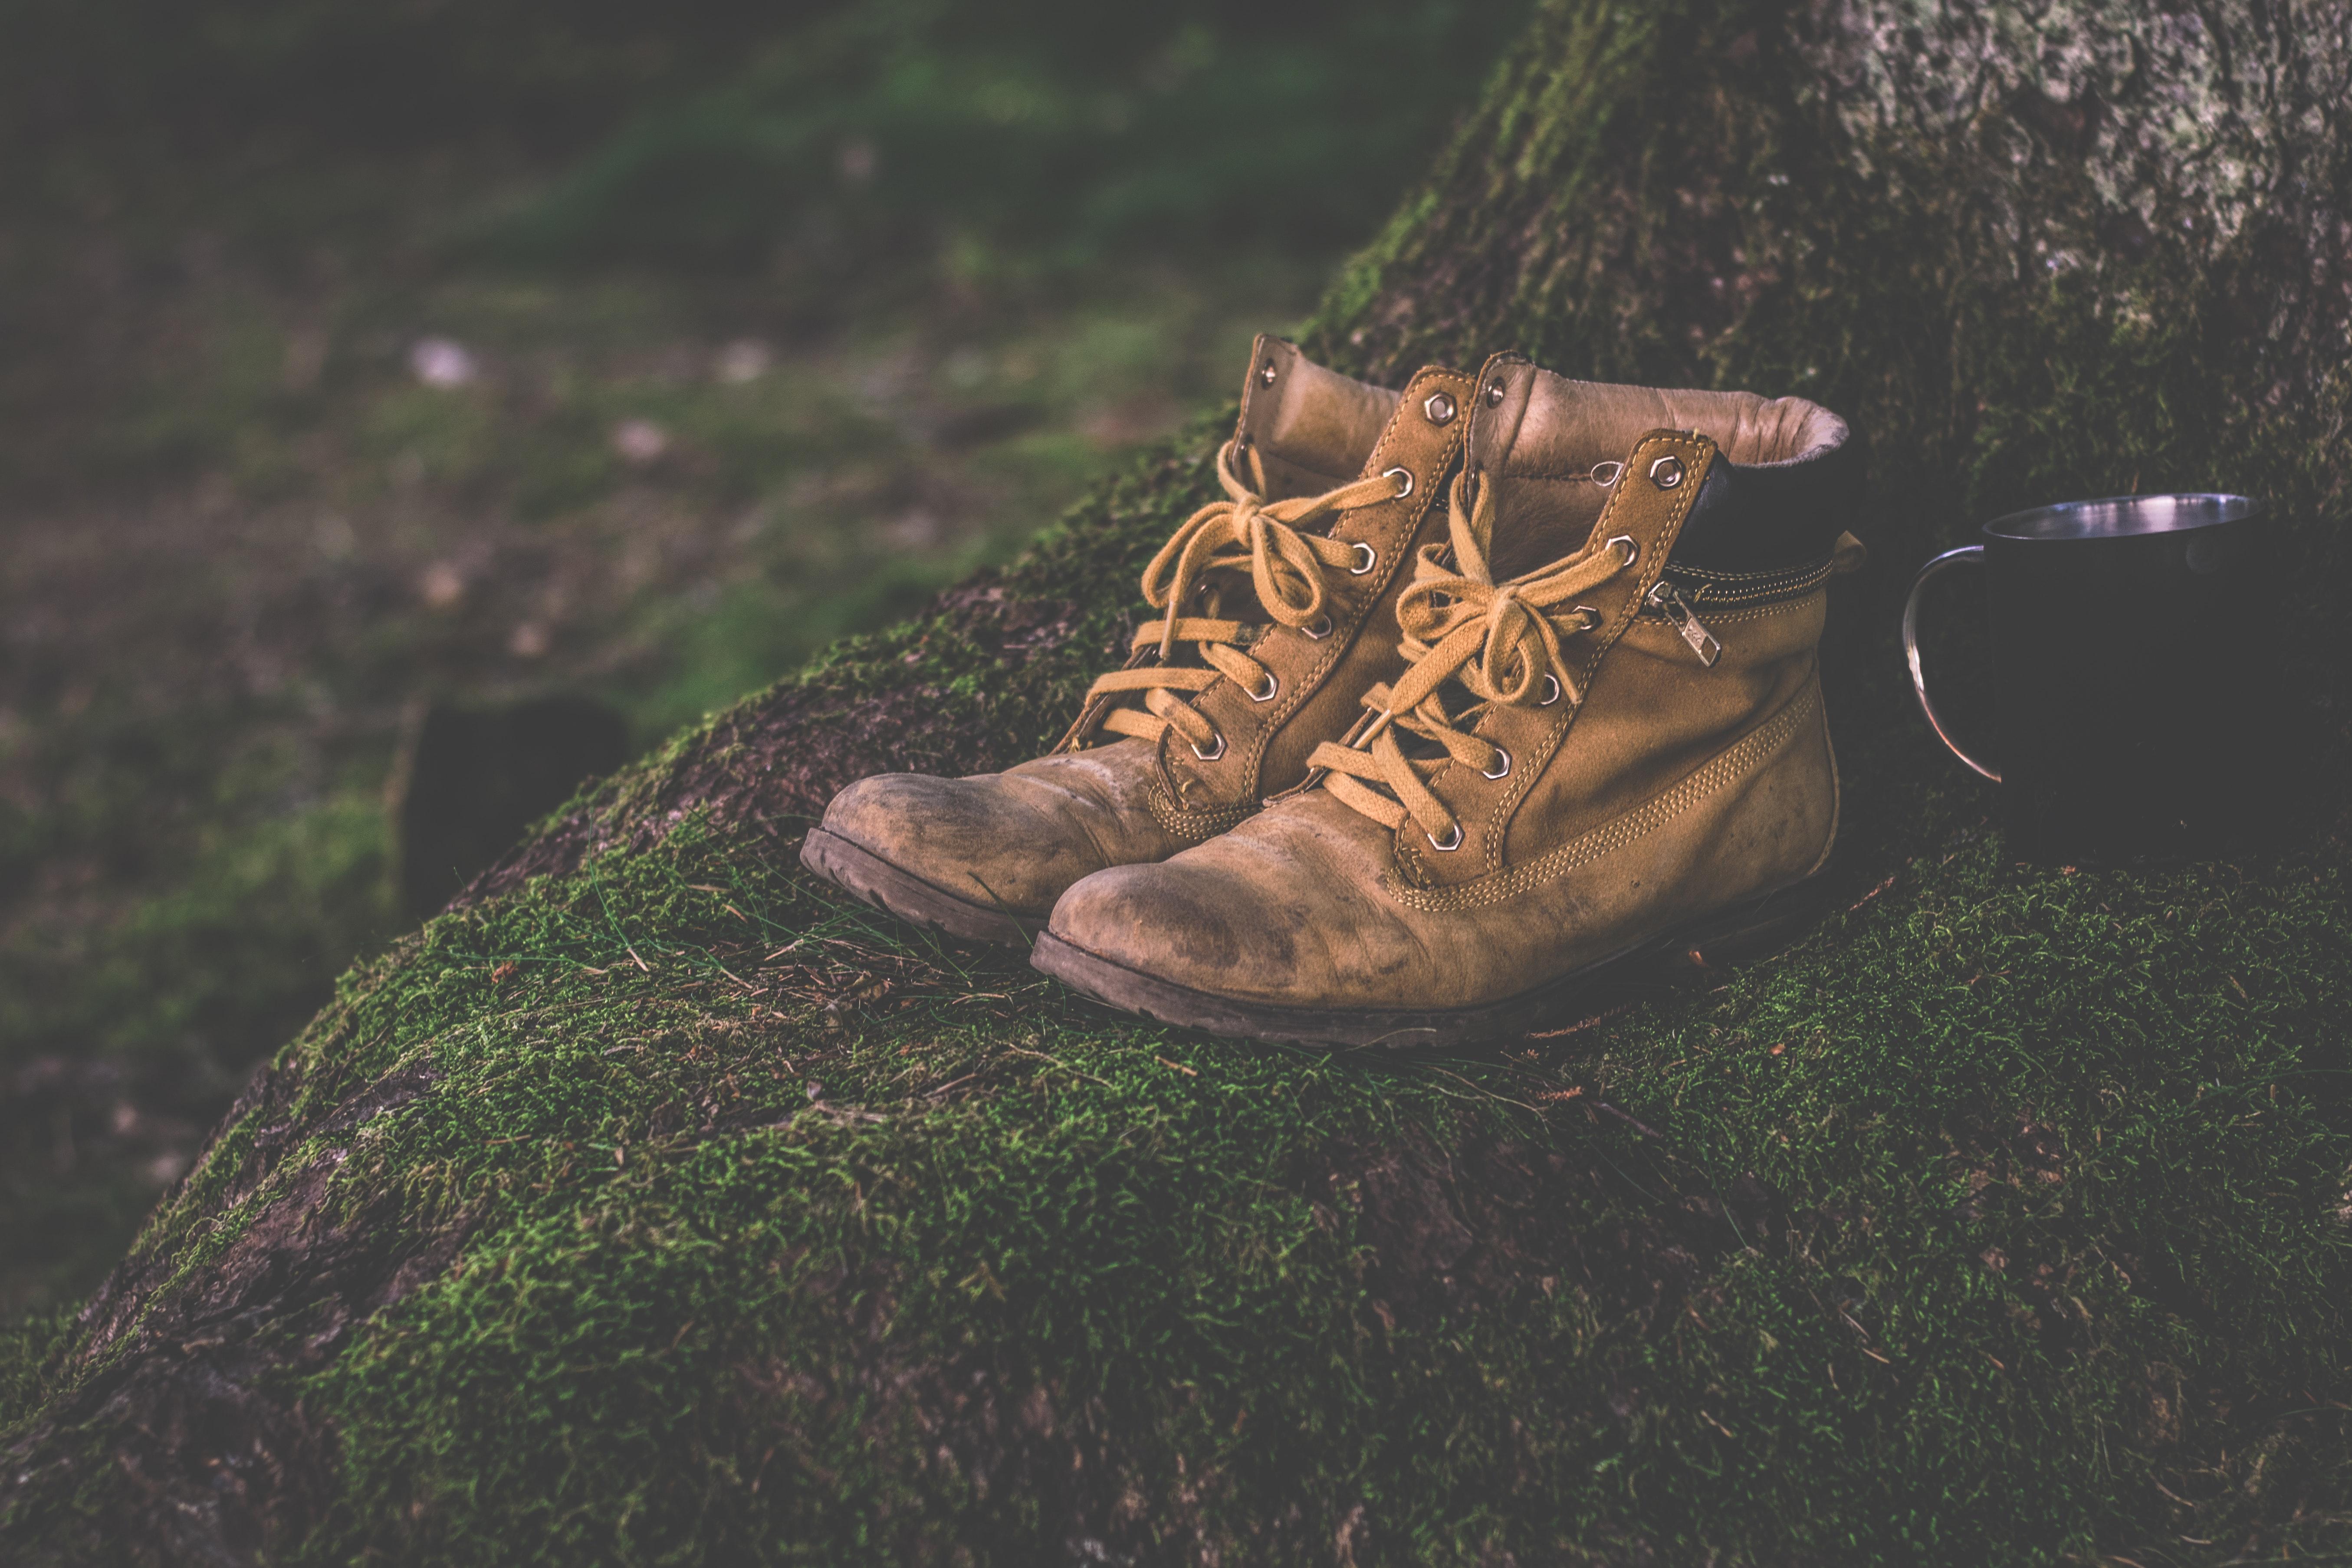 Buty myśliwskie Chiruca – odzież i akcesoria myśliwskie, nie tylko dla myśliwych